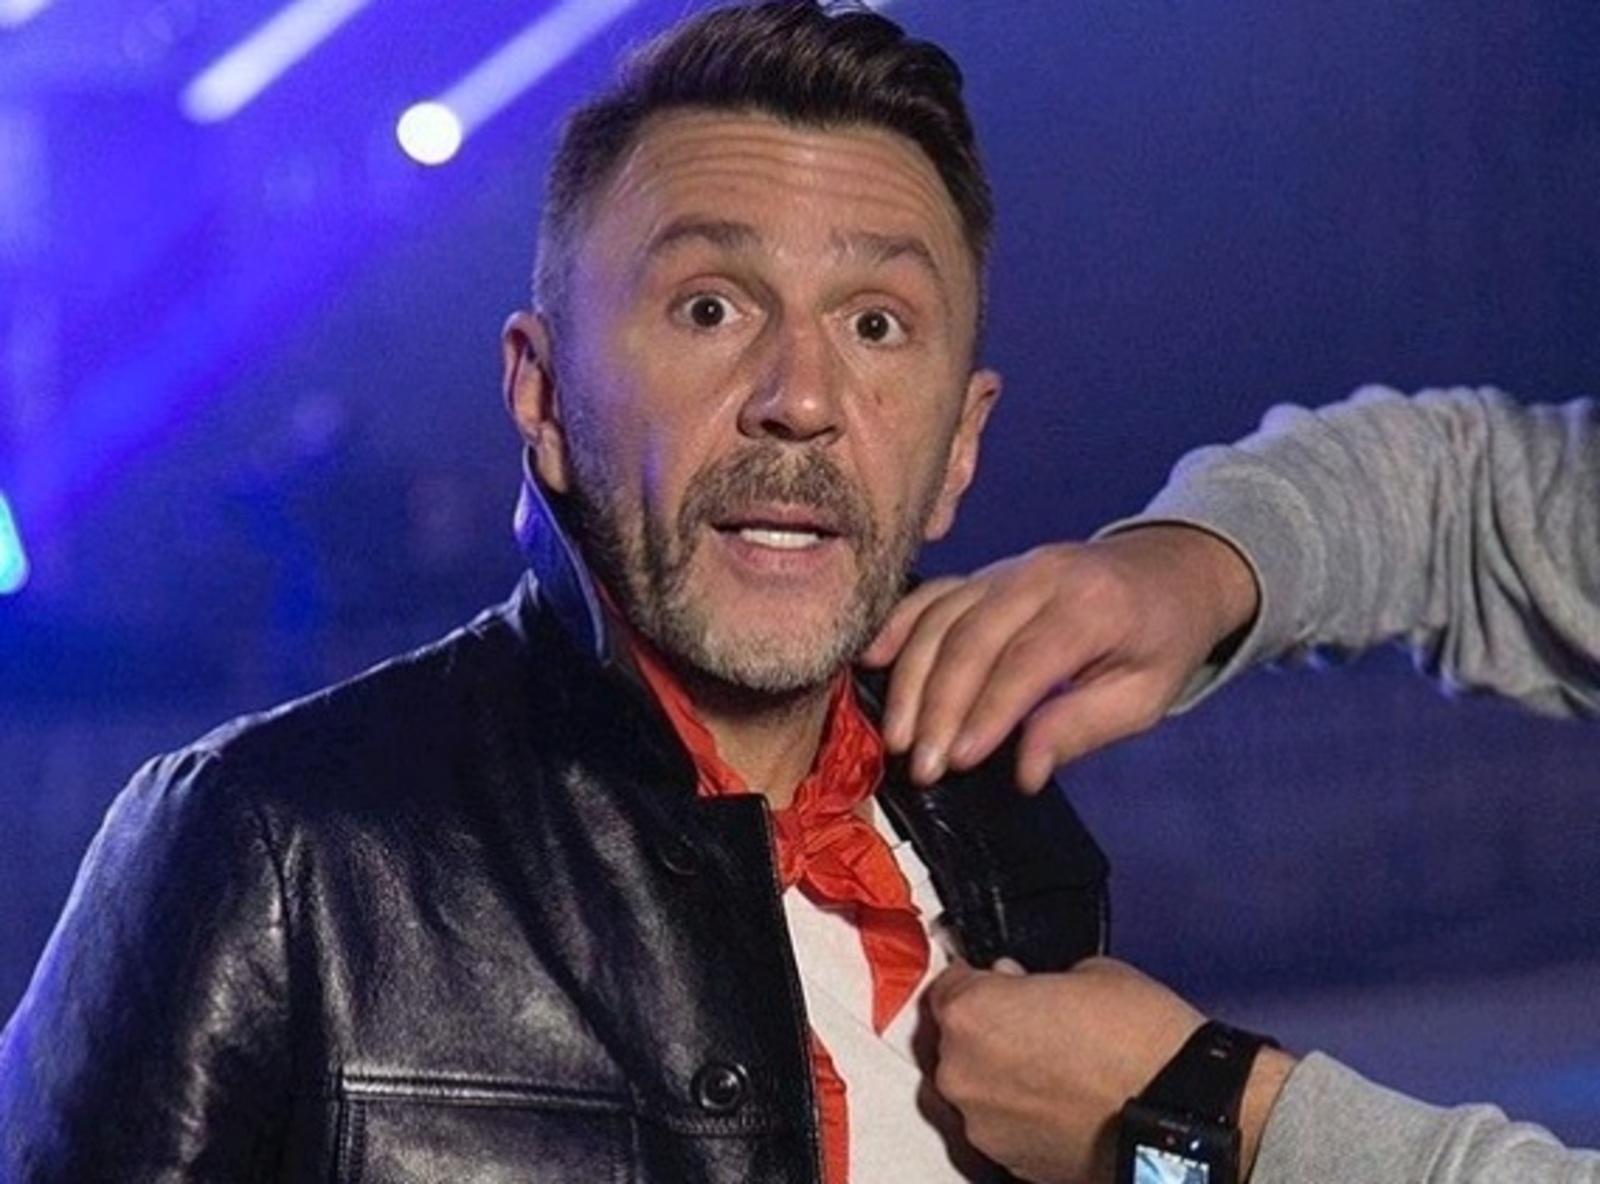 Сергей Шнуров стал новым ведущим телепередачи «Форт Боярд»